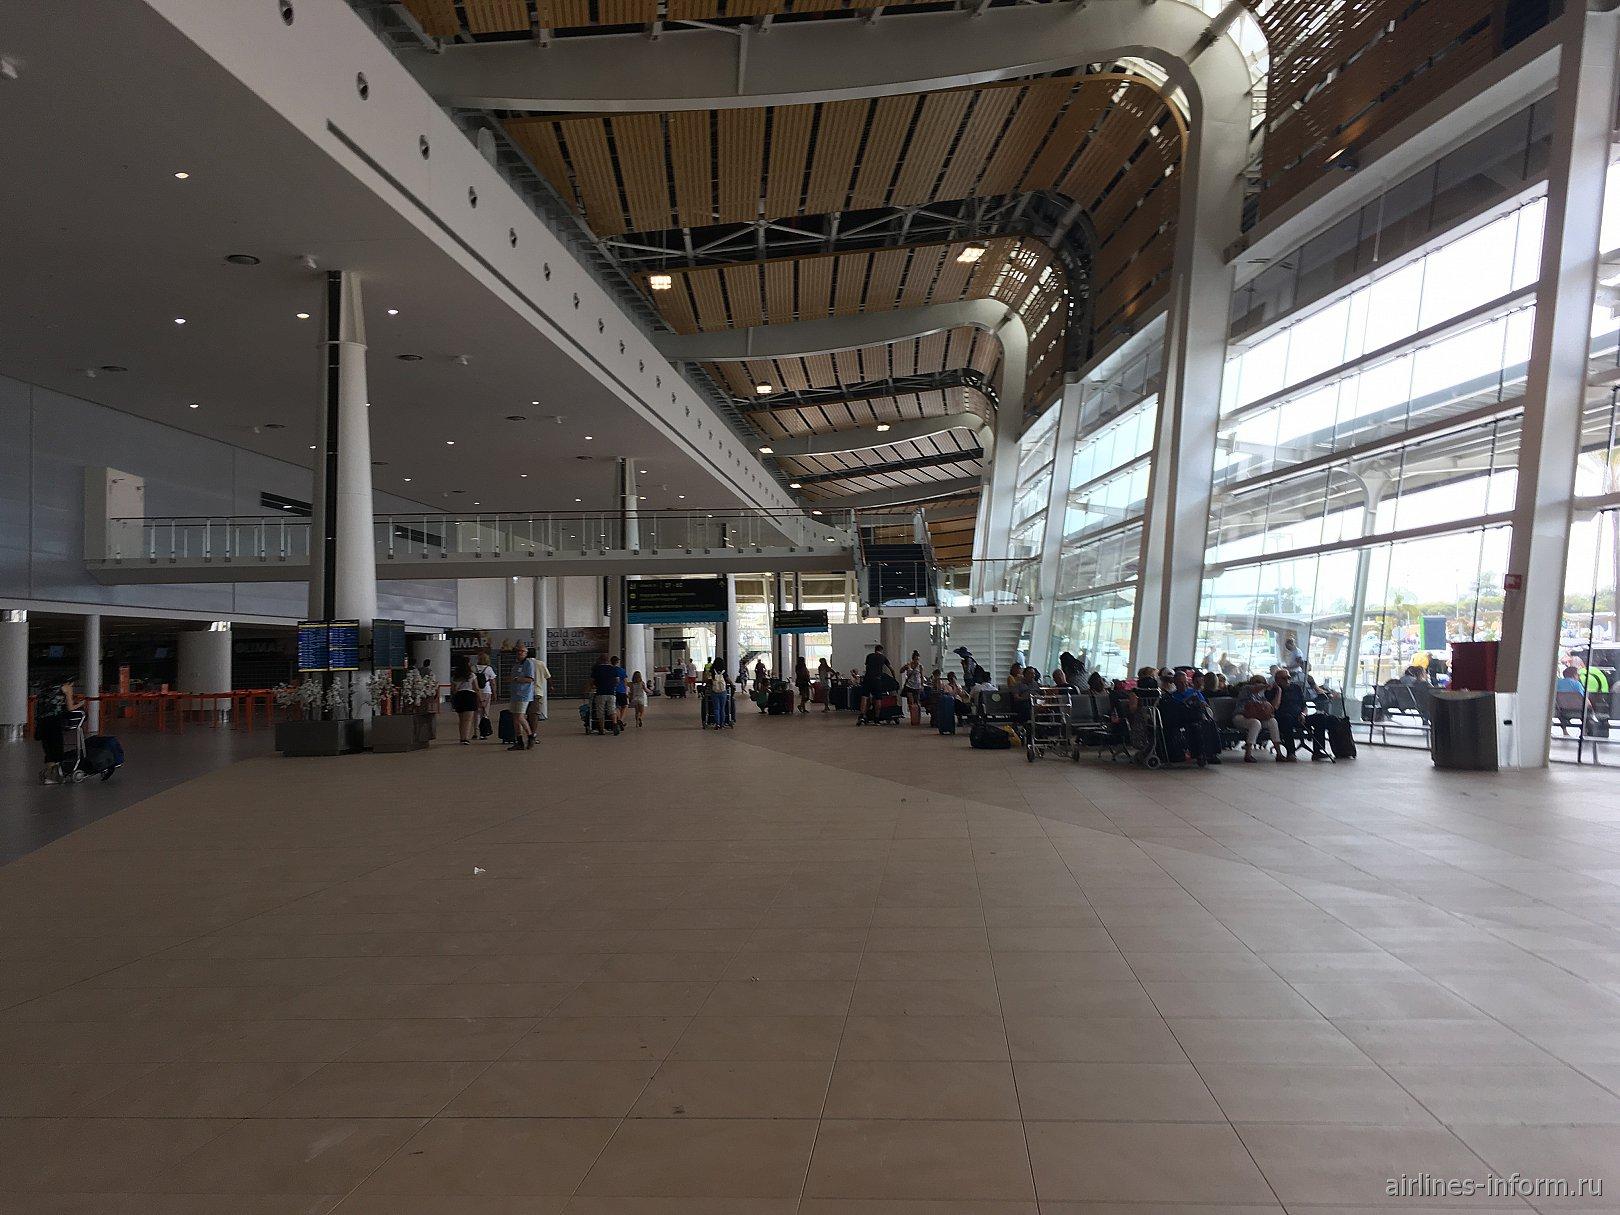 В пассажирском терминале аэропорта Фару